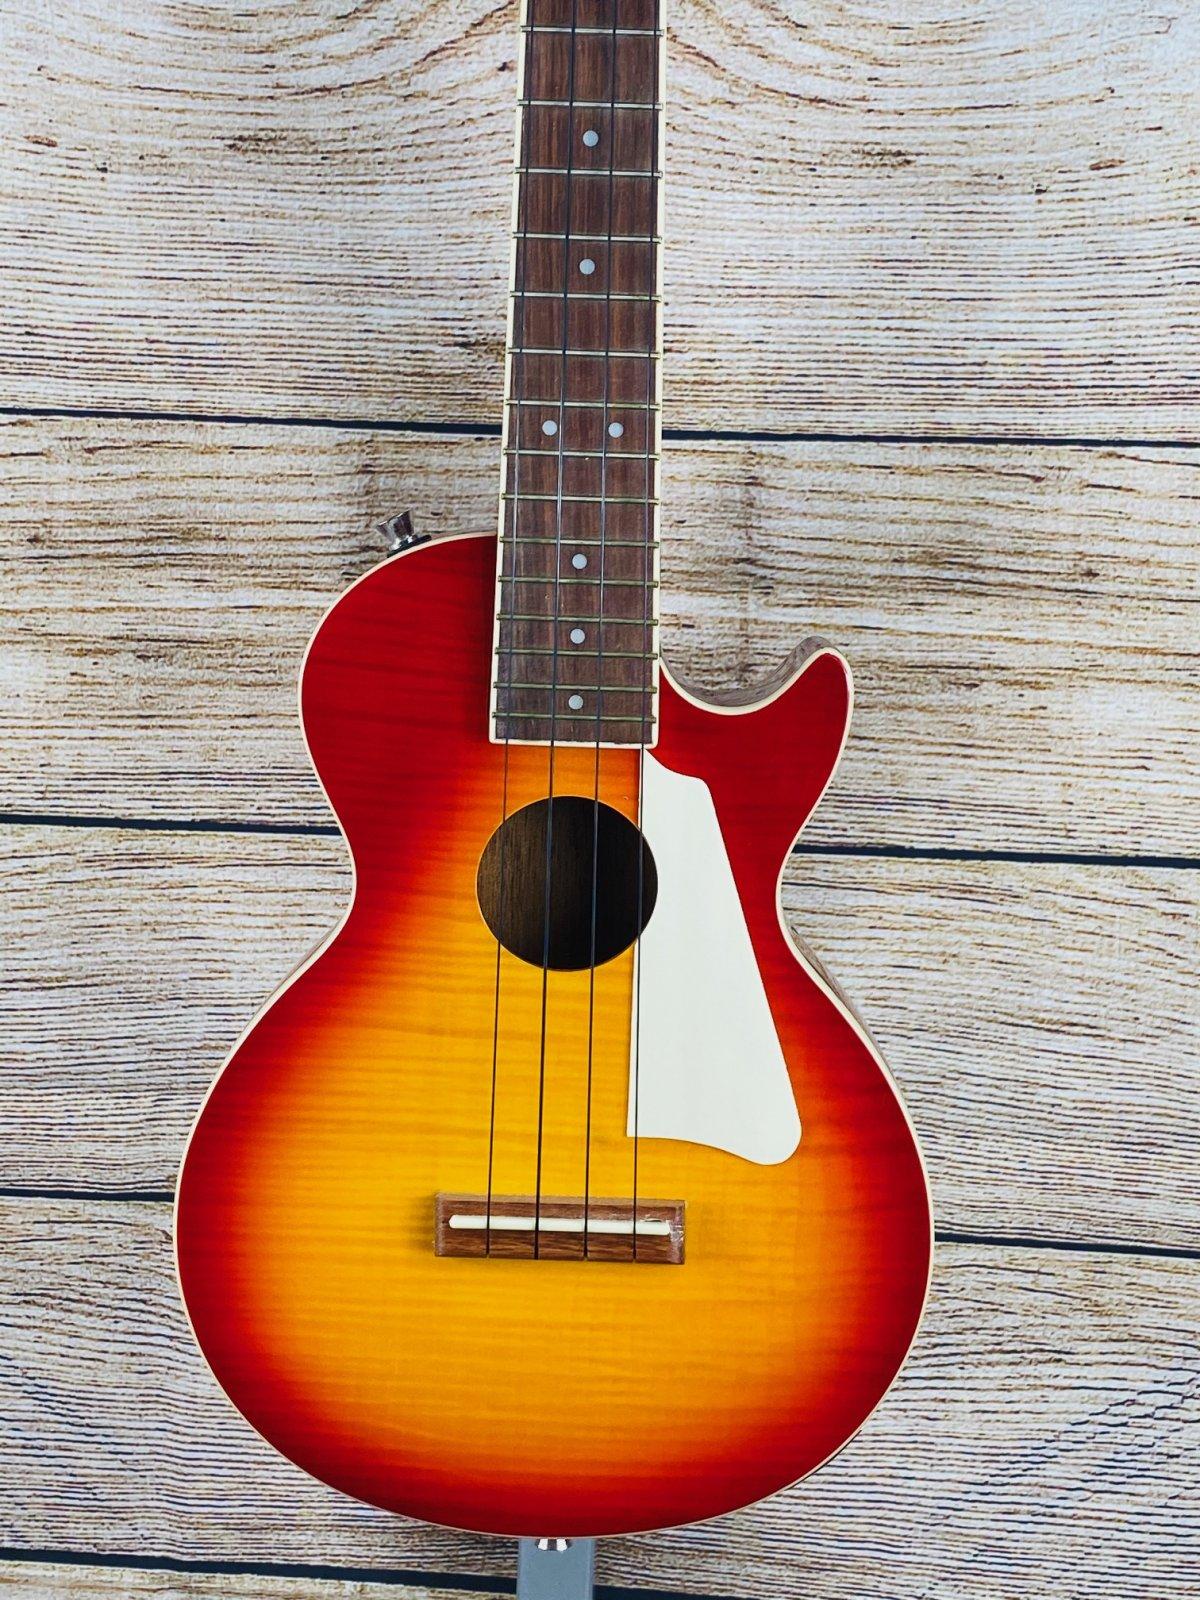 Epiphone Les Paul Acoustic Electric Uke Heritage Cherry Sunburst W/Bag